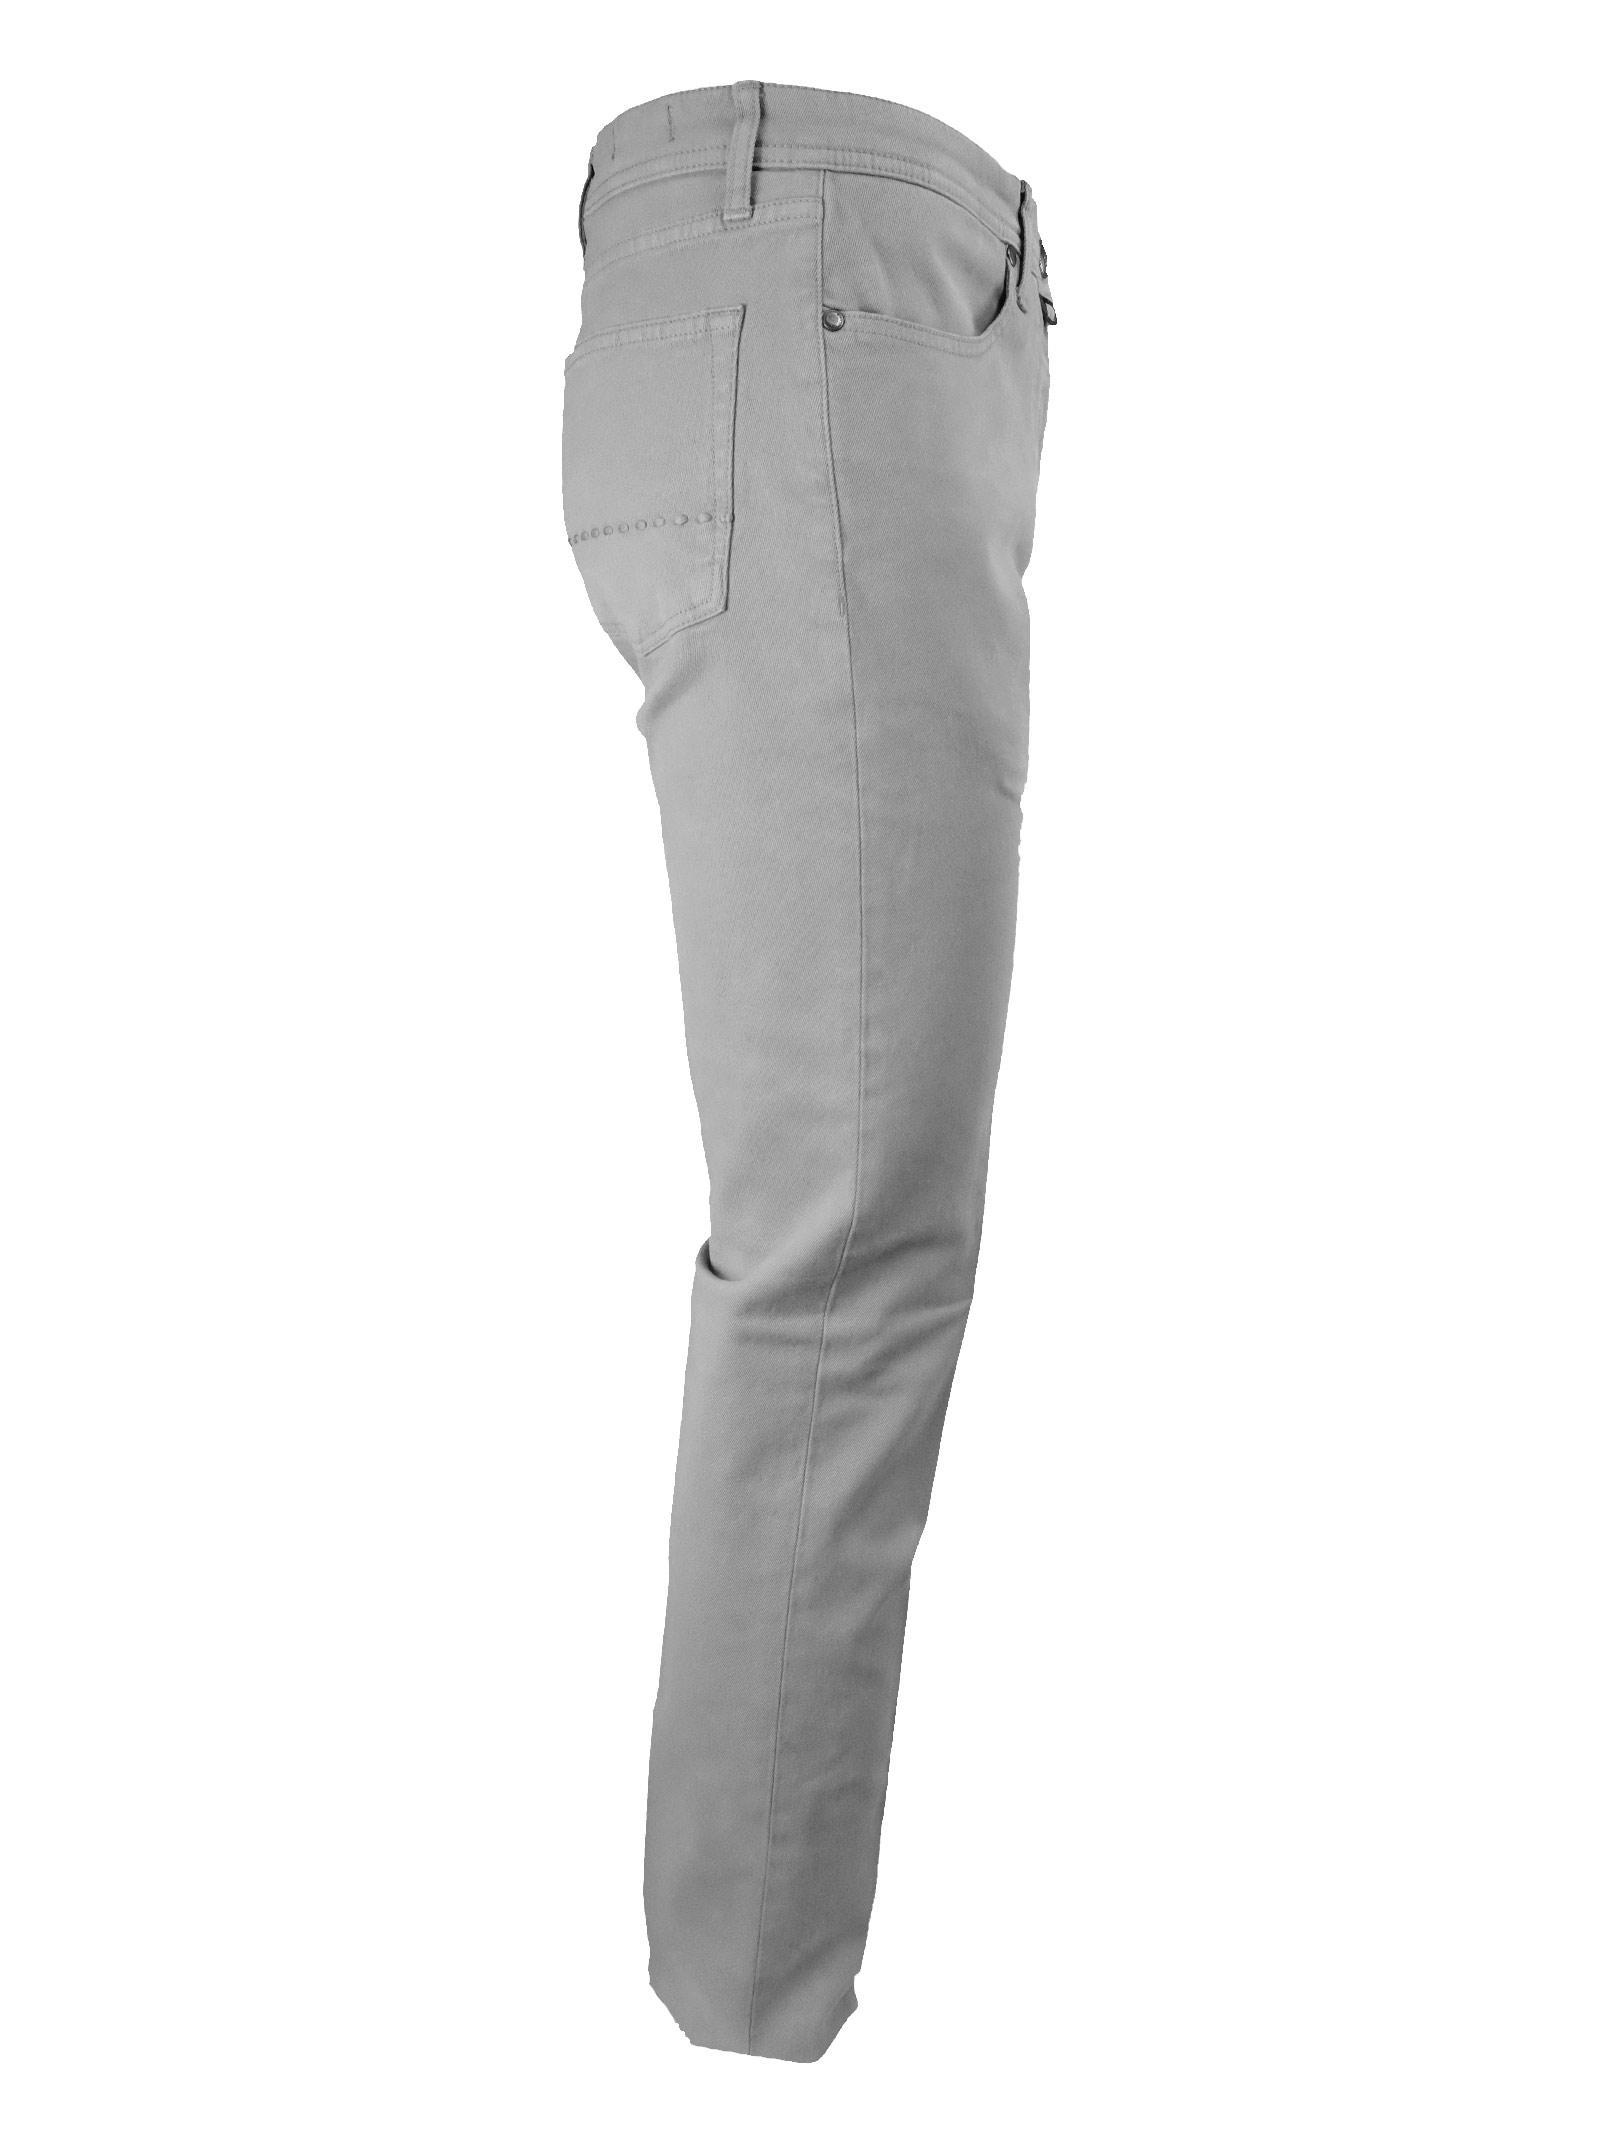 5 TASCHE IN GABARDINE B700 | Jeans | JR704 803243